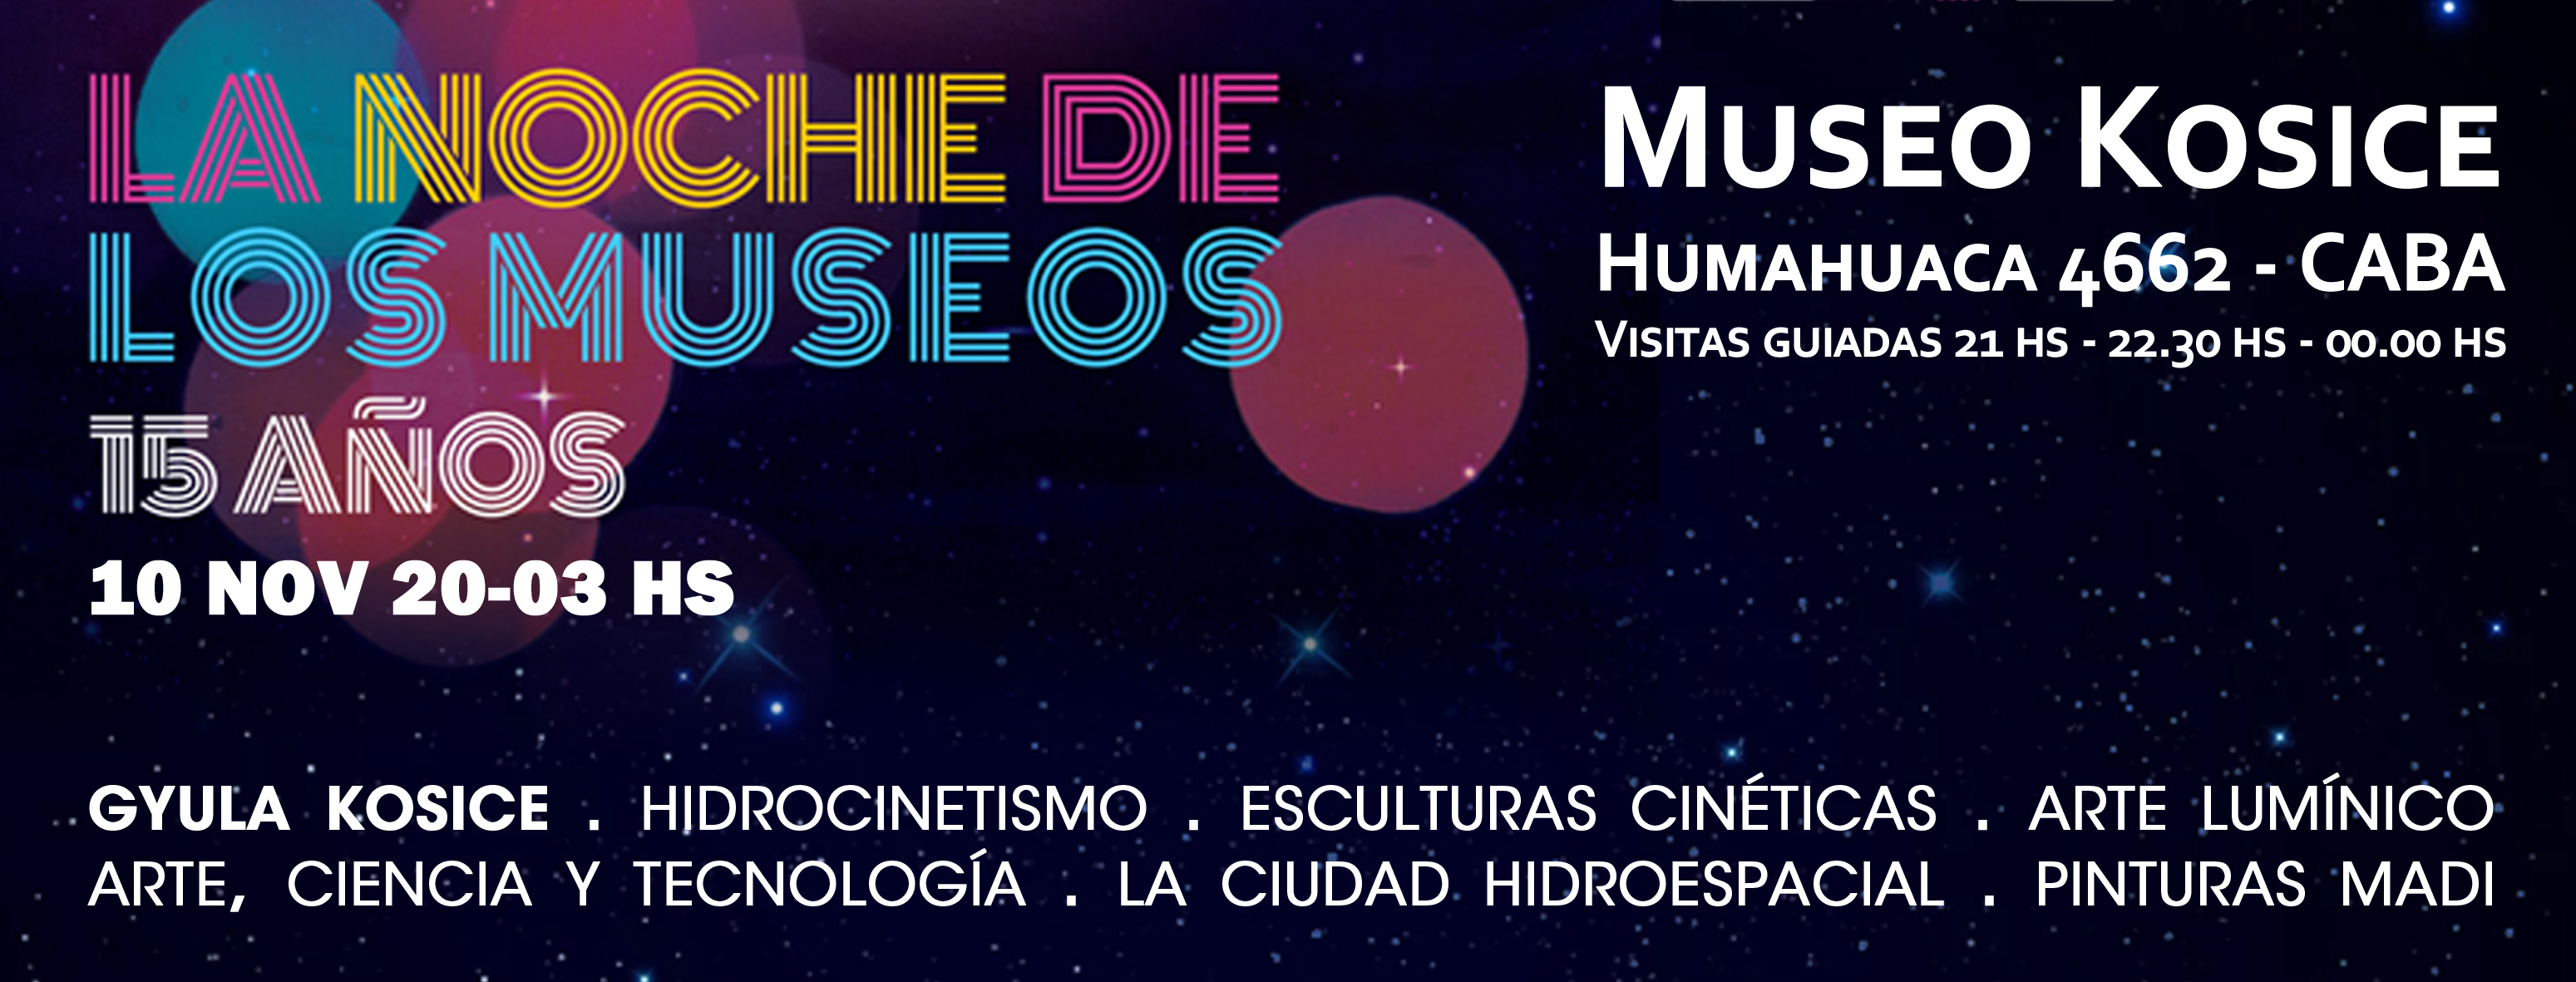 MUSEO KOSICE NOCHE DE LOS MUSEOS 2018